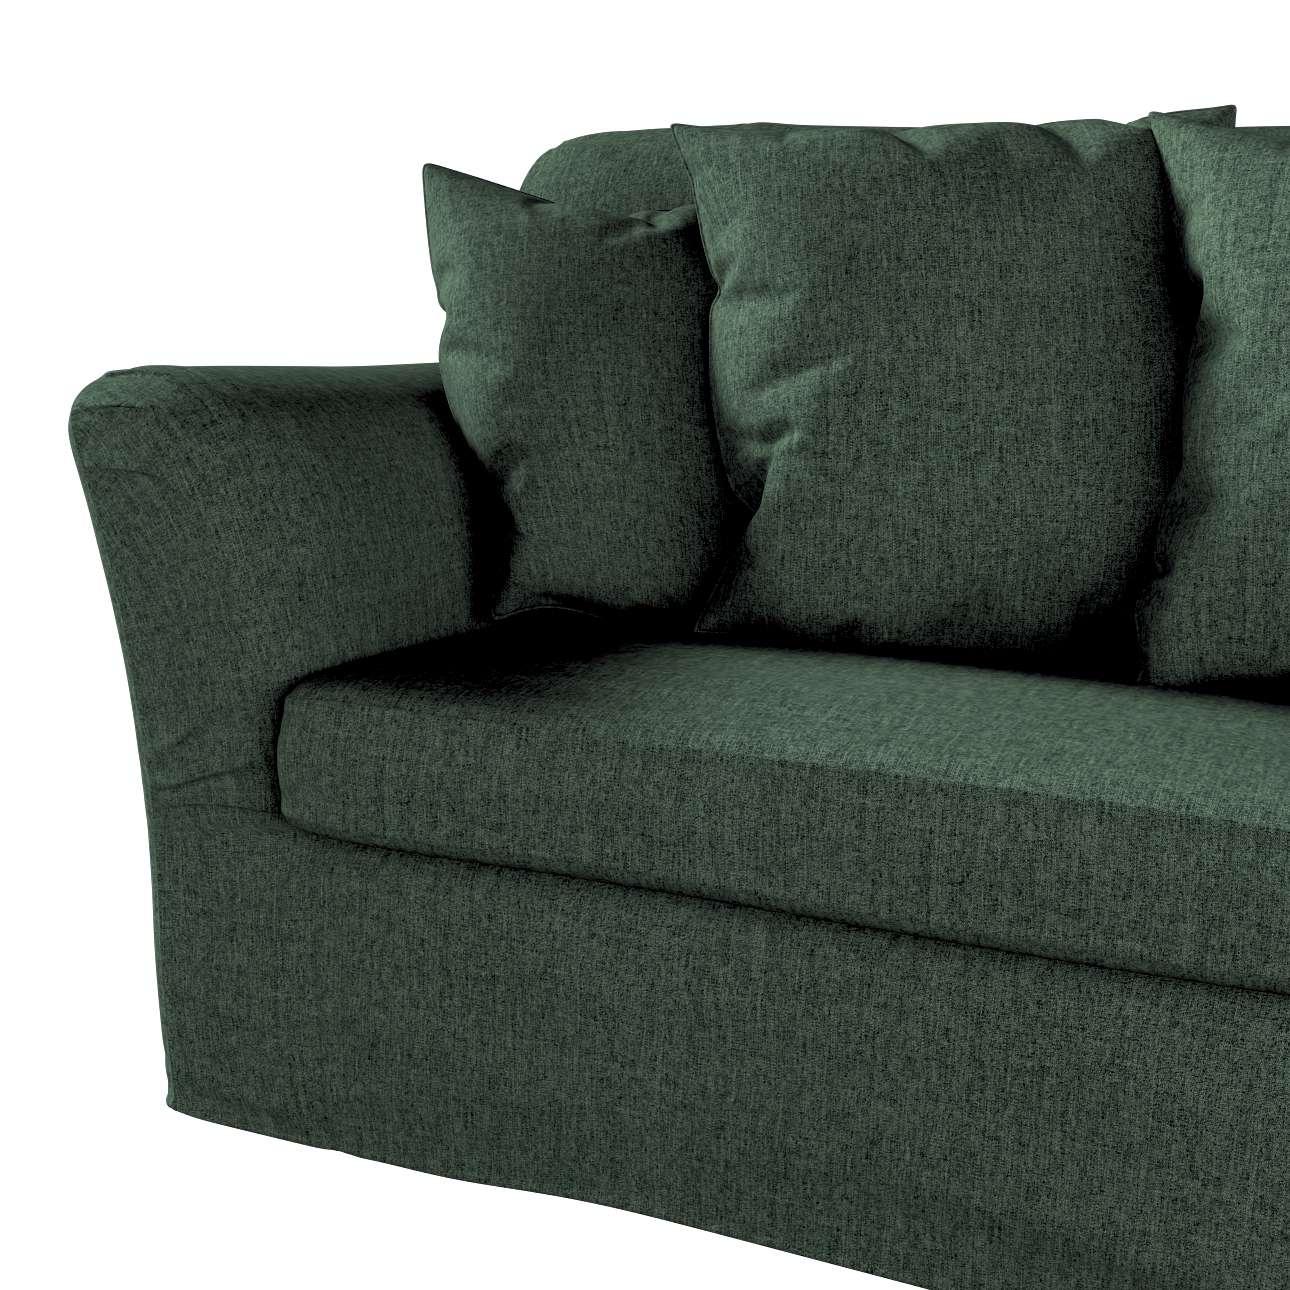 Pokrowiec na sofę Tomelilla 3-osobową rozkładaną w kolekcji City, tkanina: 704-81